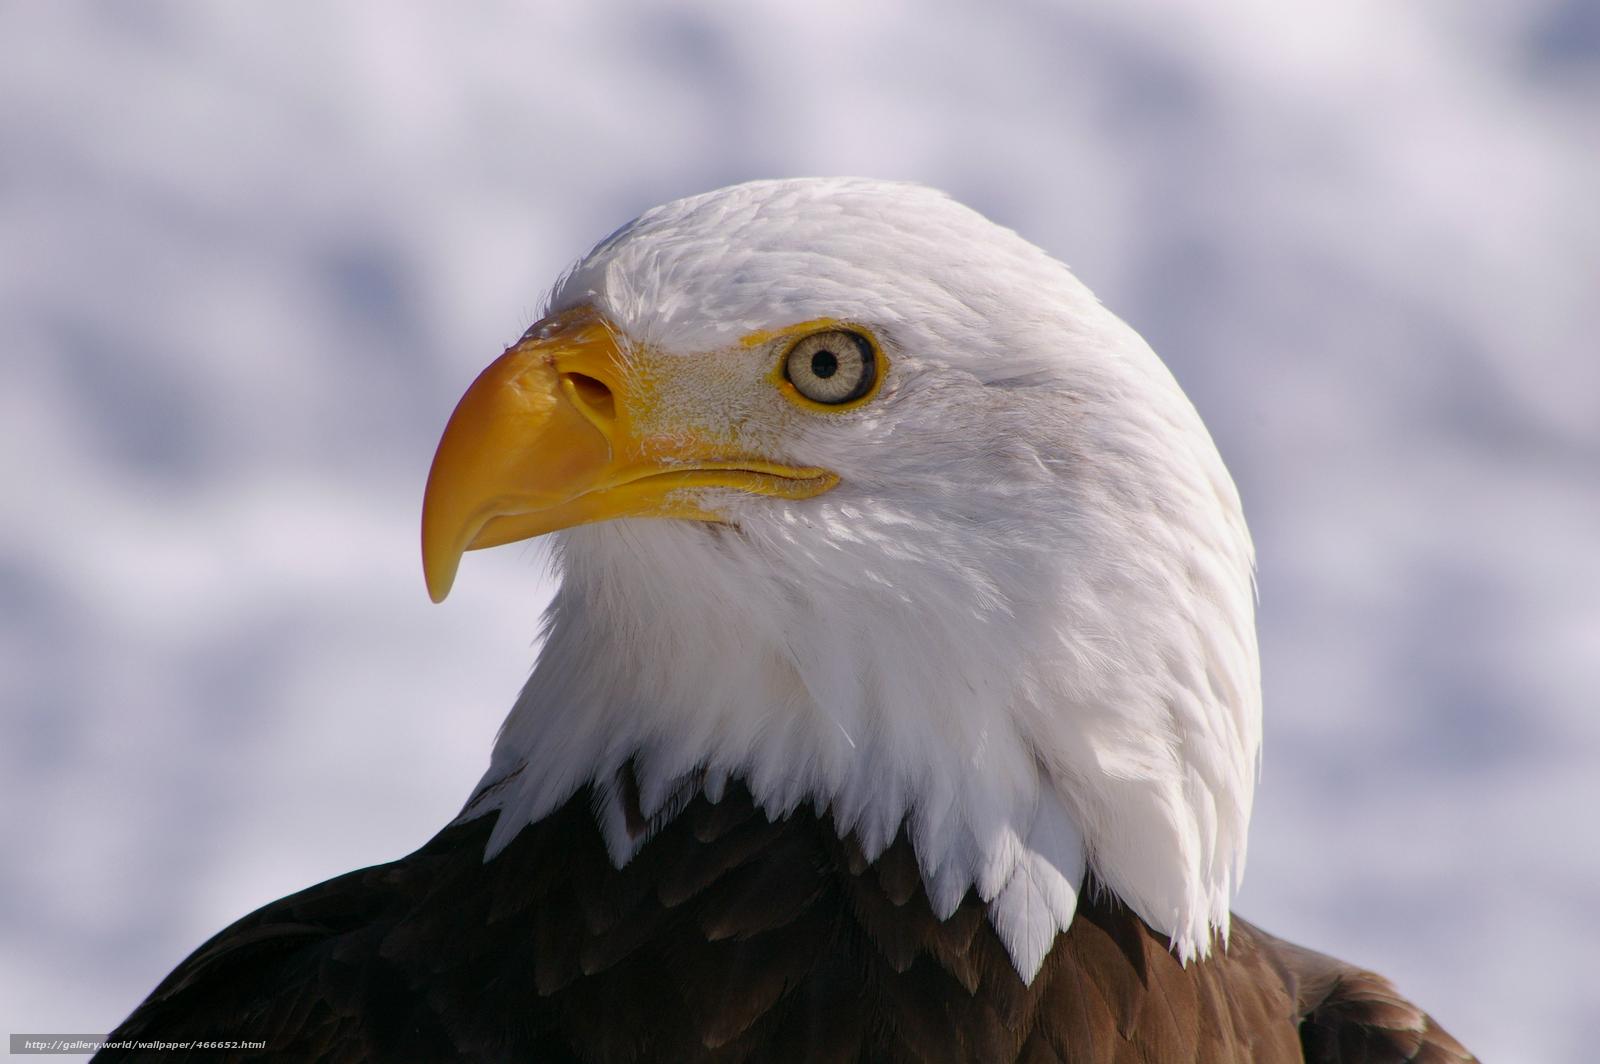 下载壁纸 鸟 白头海雕 看 轮廓 免费为您的桌面分辨率的壁纸 3008x2000 图片 №466652